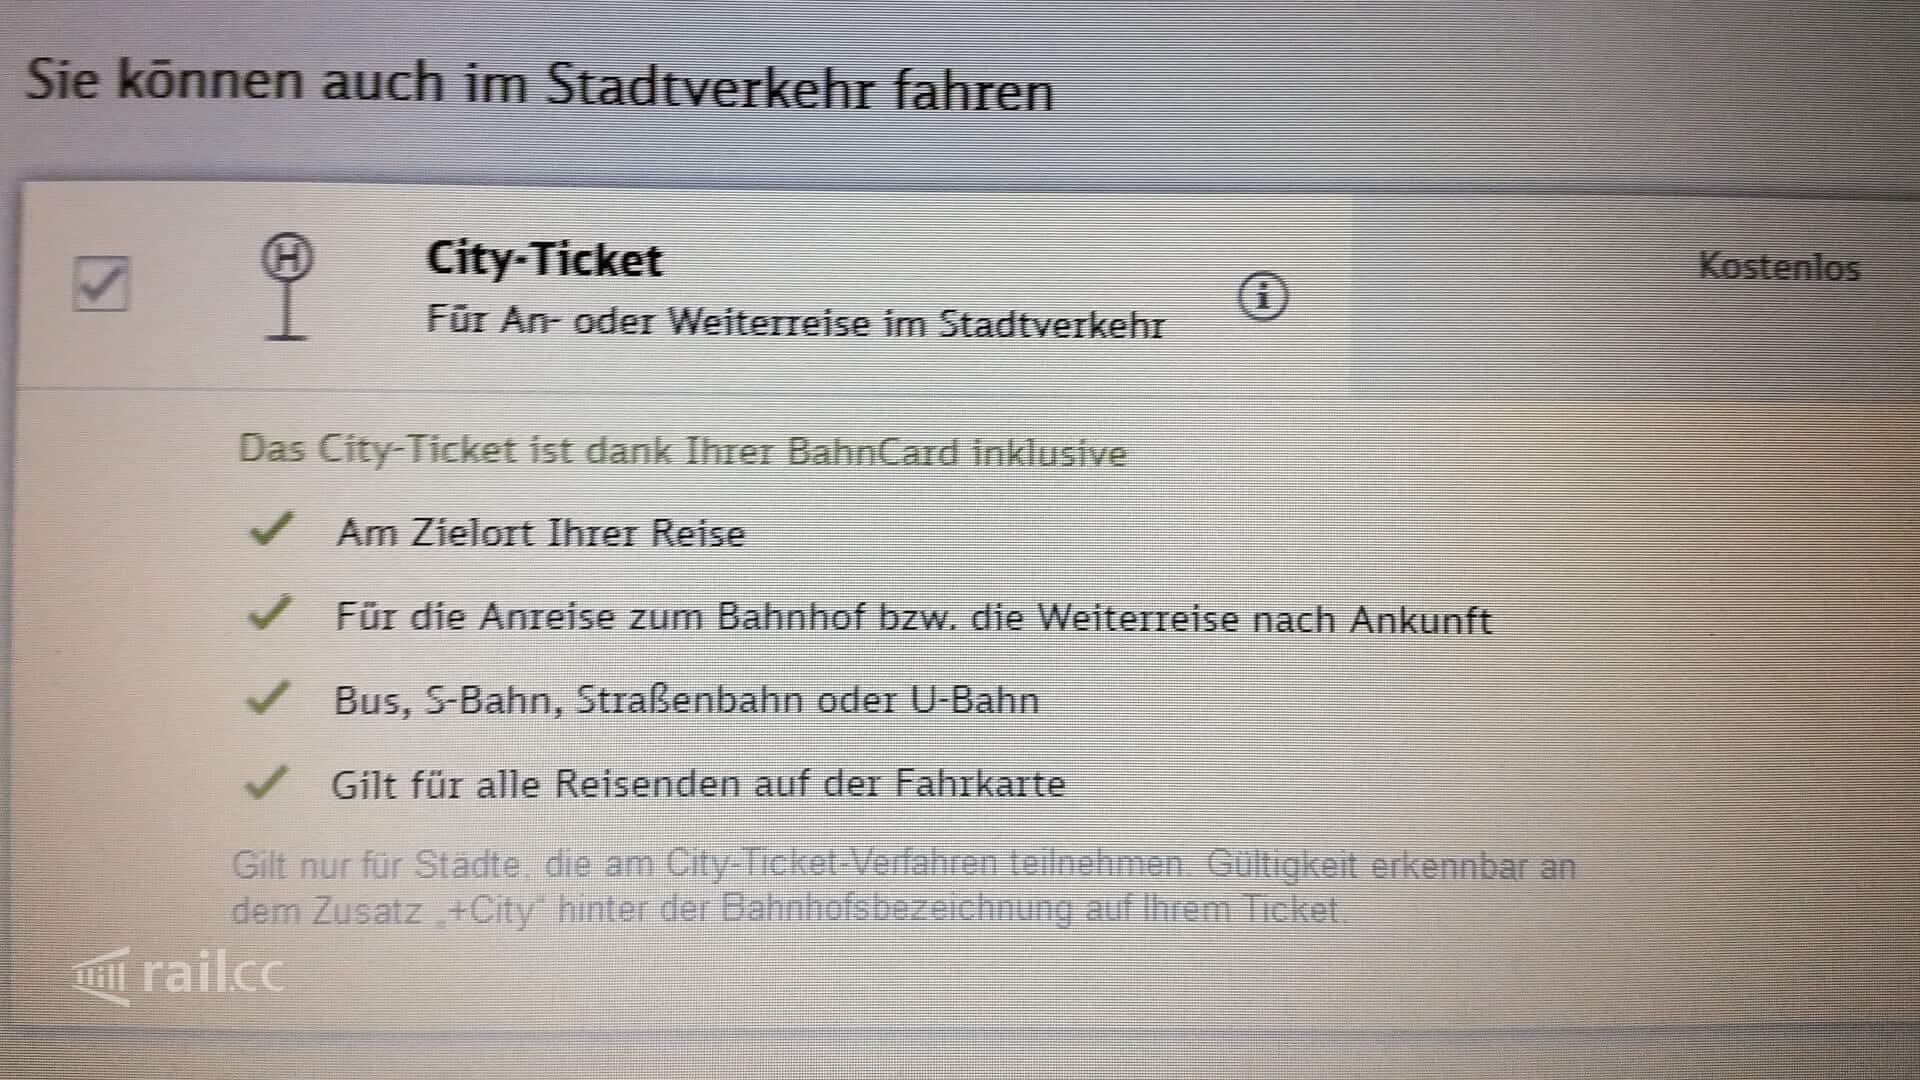 Das Cityticket der Deutschen Bahn bei Fernreisen inklusive